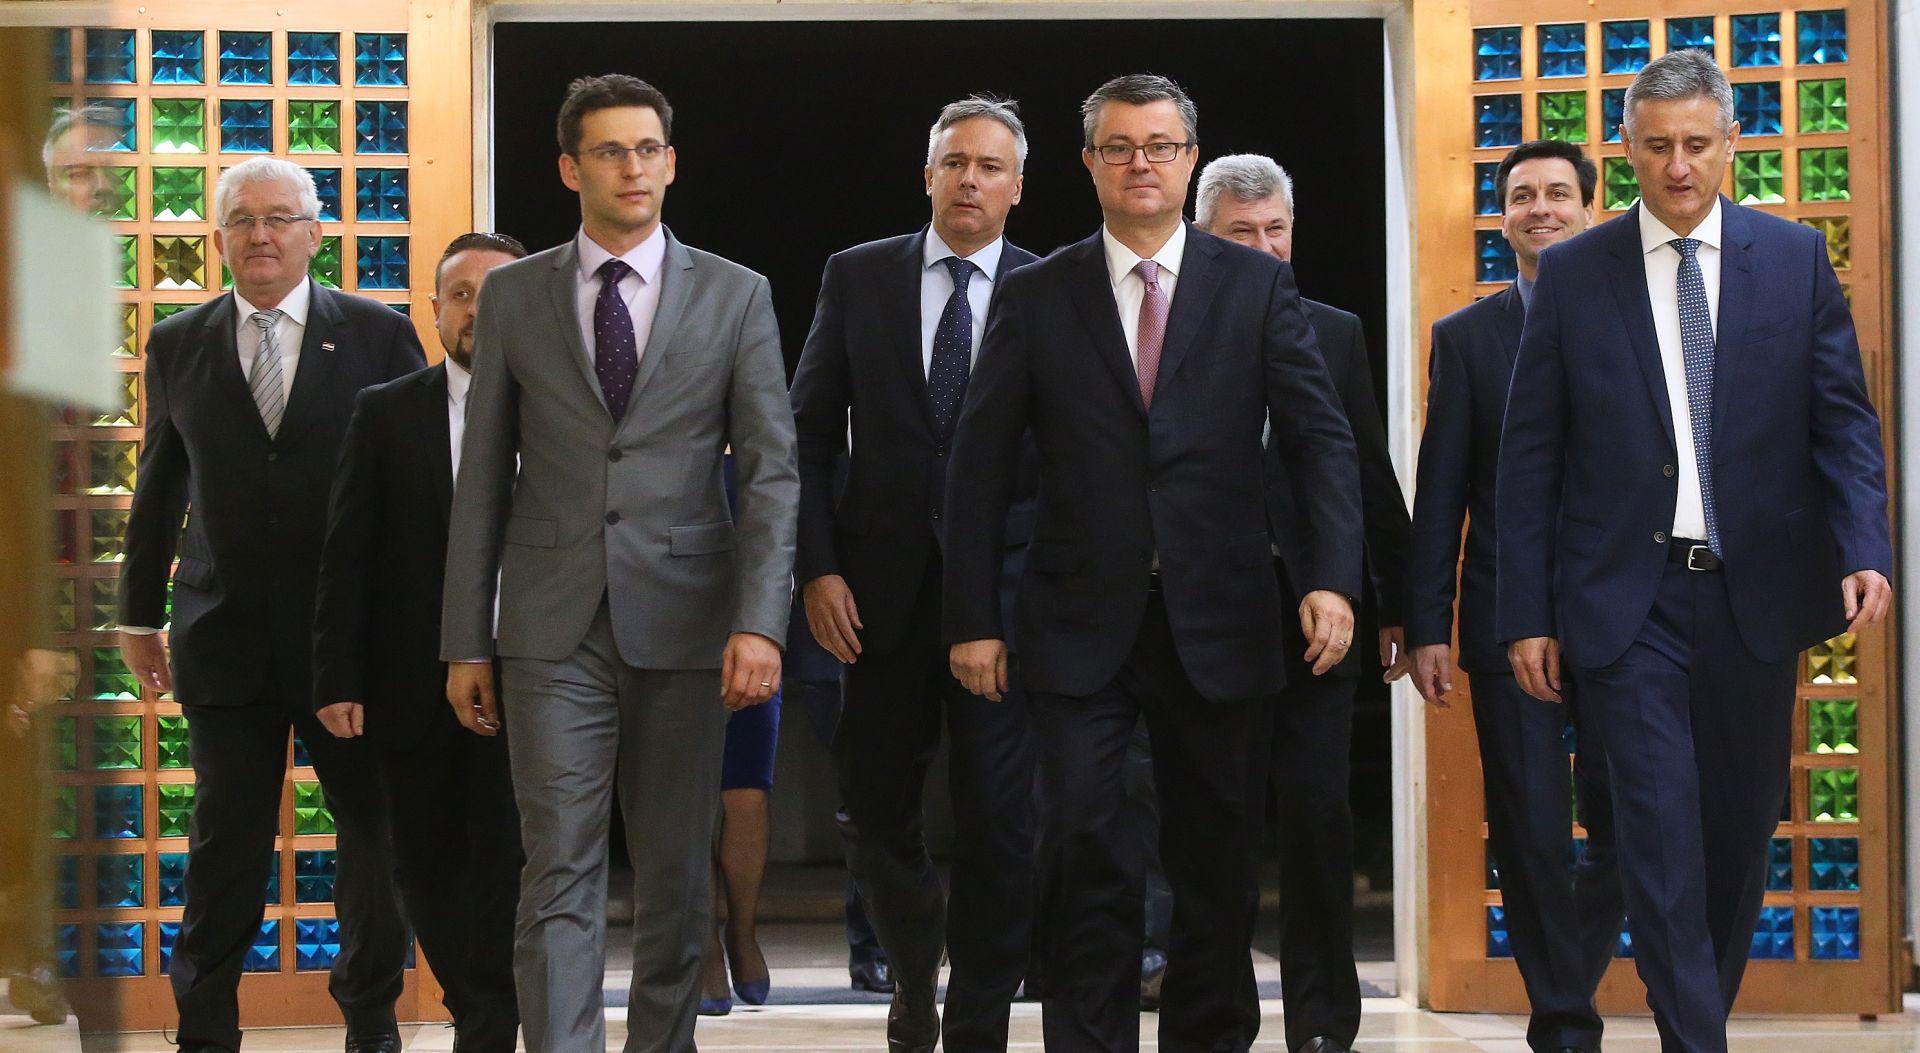 STRANI MEDIJI O STANJU U HRVATSKOJ: 'Vlada je praktički pala'